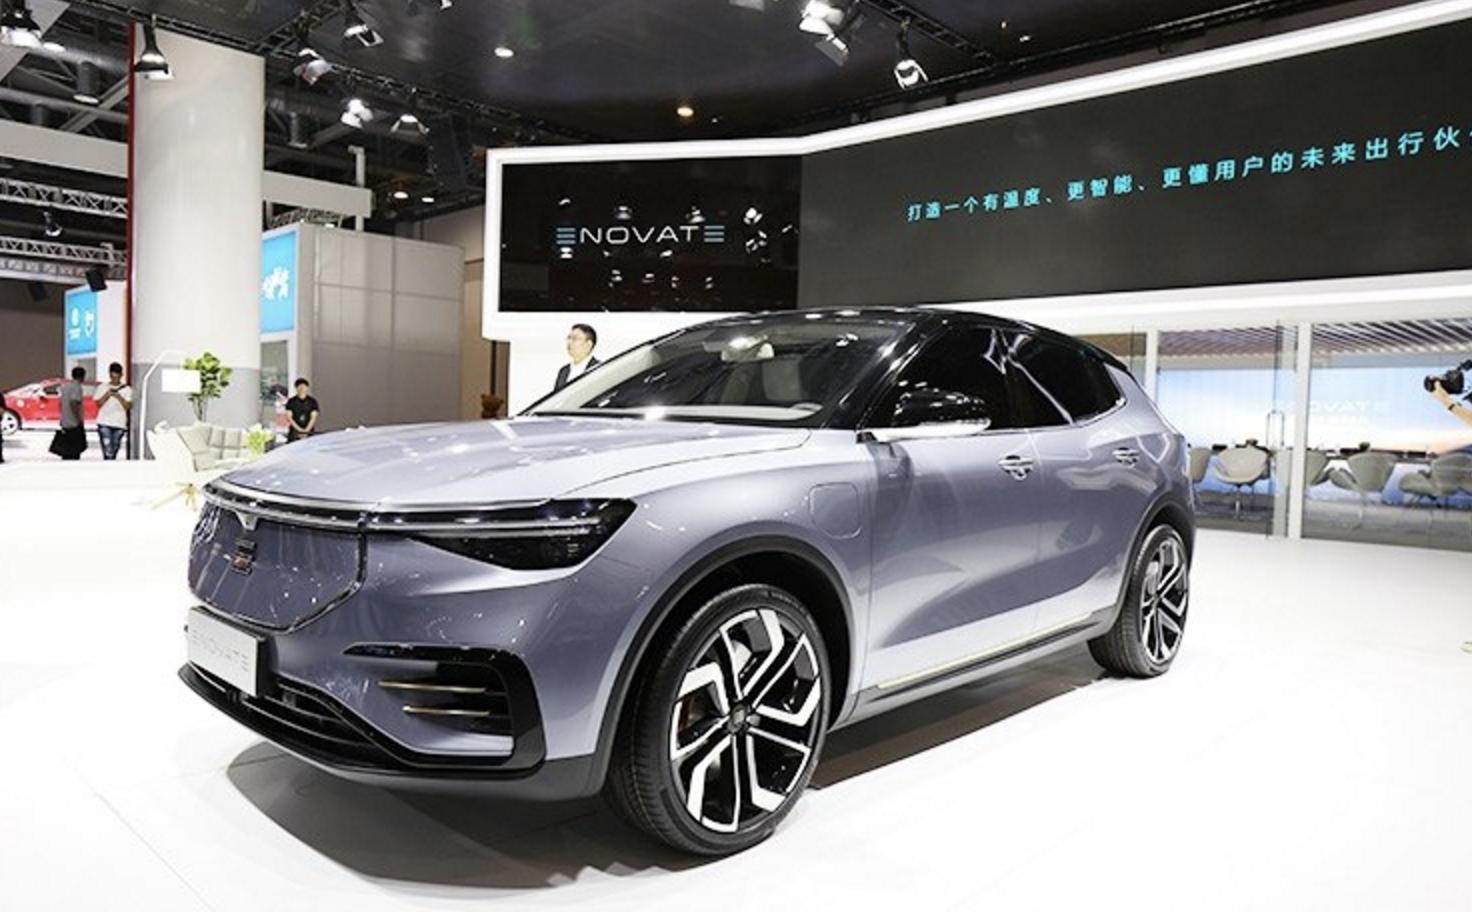 电咖汽车旗下高端品牌ENOVATE首款纯电动SUV车型正式亮相